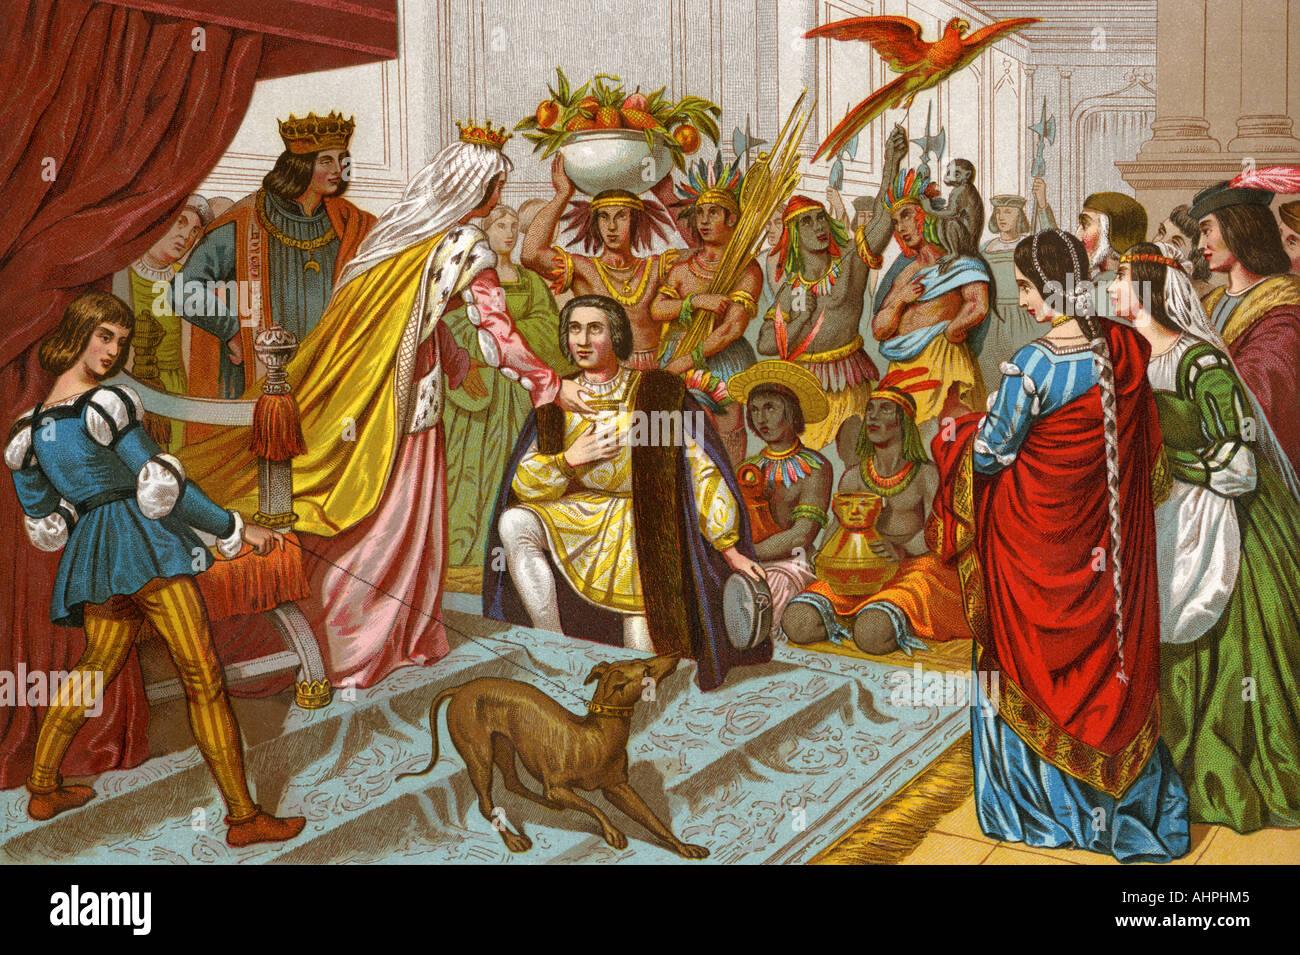 Wer Bringt Weihnachtsgeschenke In Spanien.Columbus Bringt Geschenke Aus Der Neuen Welt Der Königin Isabella I